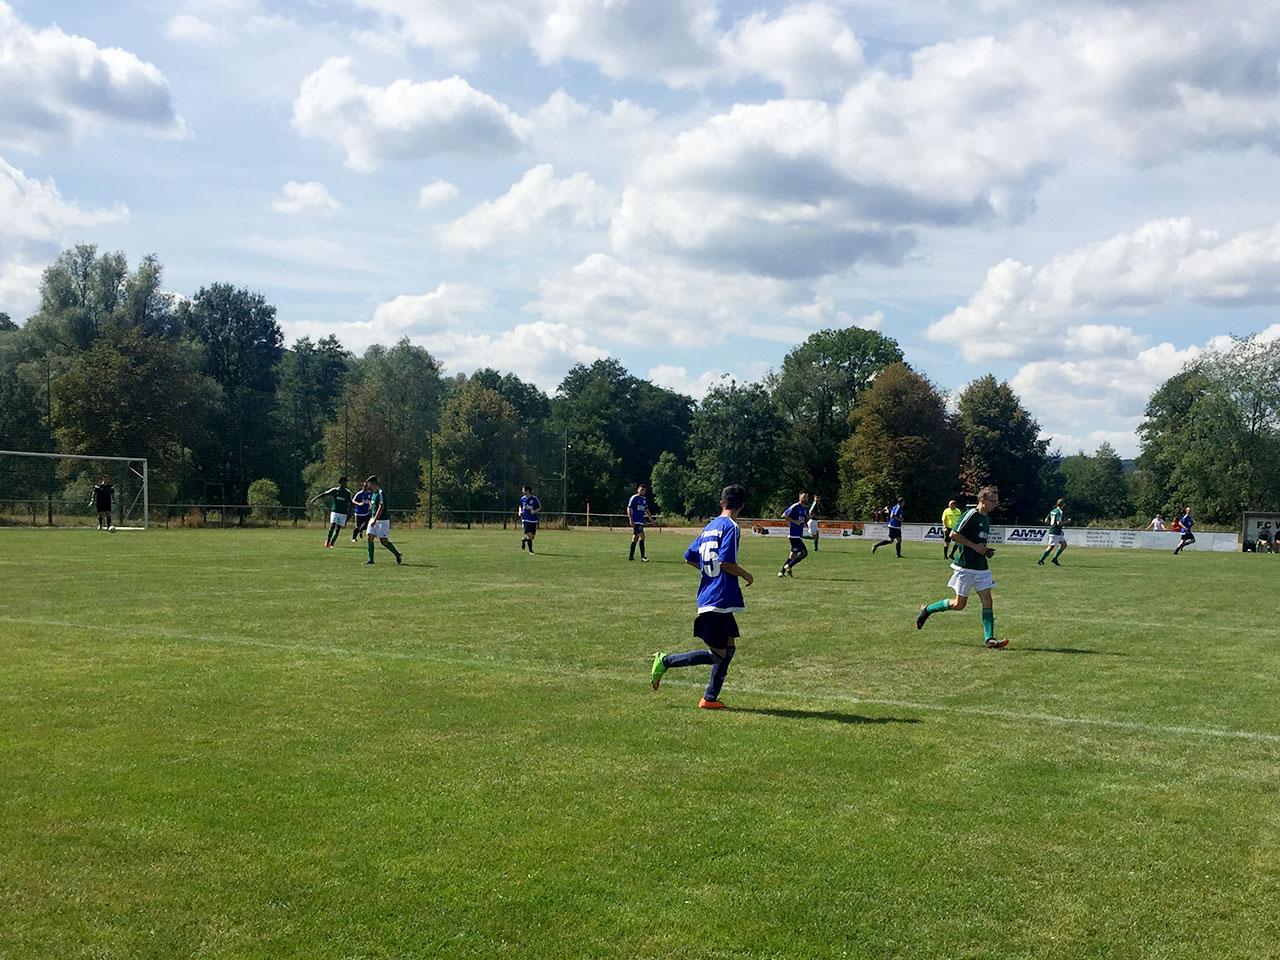 Die Sportfreunde gewinnen mit 0:6 gegen den FC Werdorf II